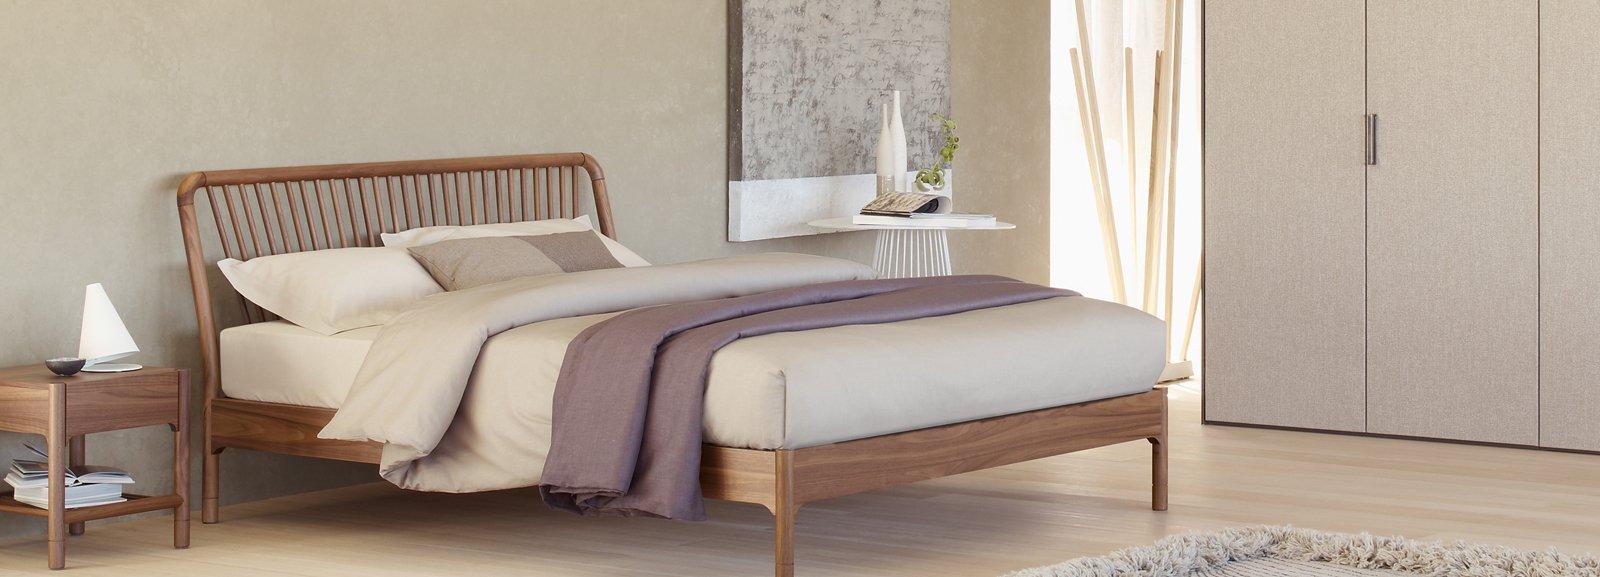 Camera da letto a tinte chiare cose di casa - Camino in camera da letto ...